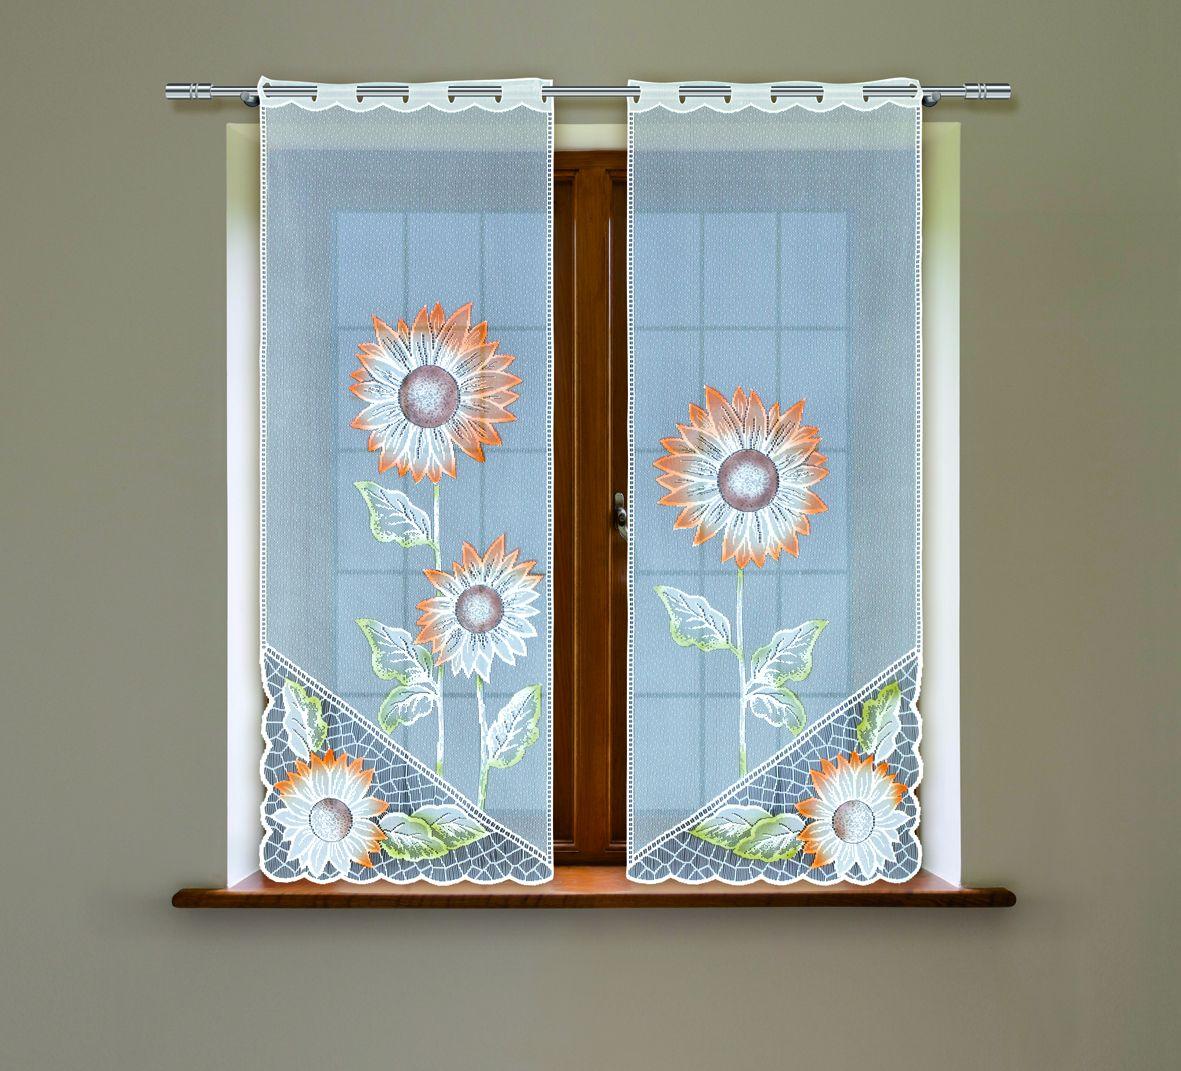 Комплект гардин Haft, на петлях, цвет: белый, высота 160 см, 2 шт. 5050С5050С/60Воздушные гардины Haft великолепно украсят любое окно. Комплект состоит из двух гардин, выполненных из полиэстера.Изделие имеет оригинальный дизайн и органично впишется в интерьер помещения.Комплект крепится на карниз при помощи петель.